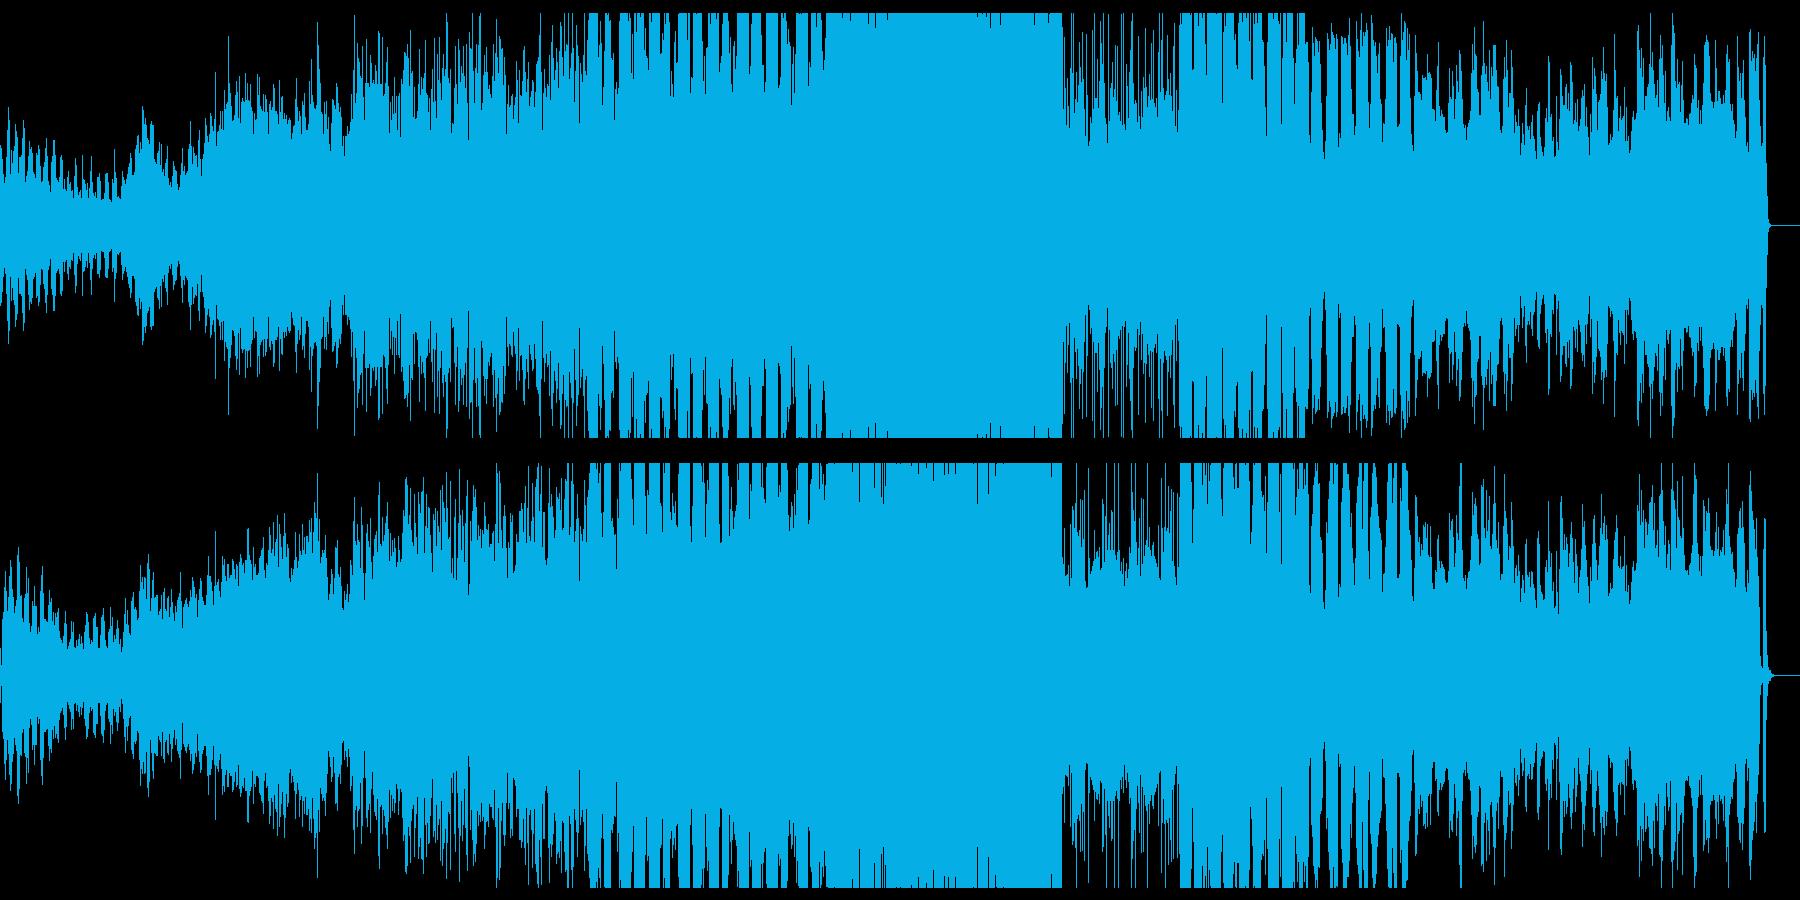 脳を刺激するようなノイズとシンセサイザーの再生済みの波形